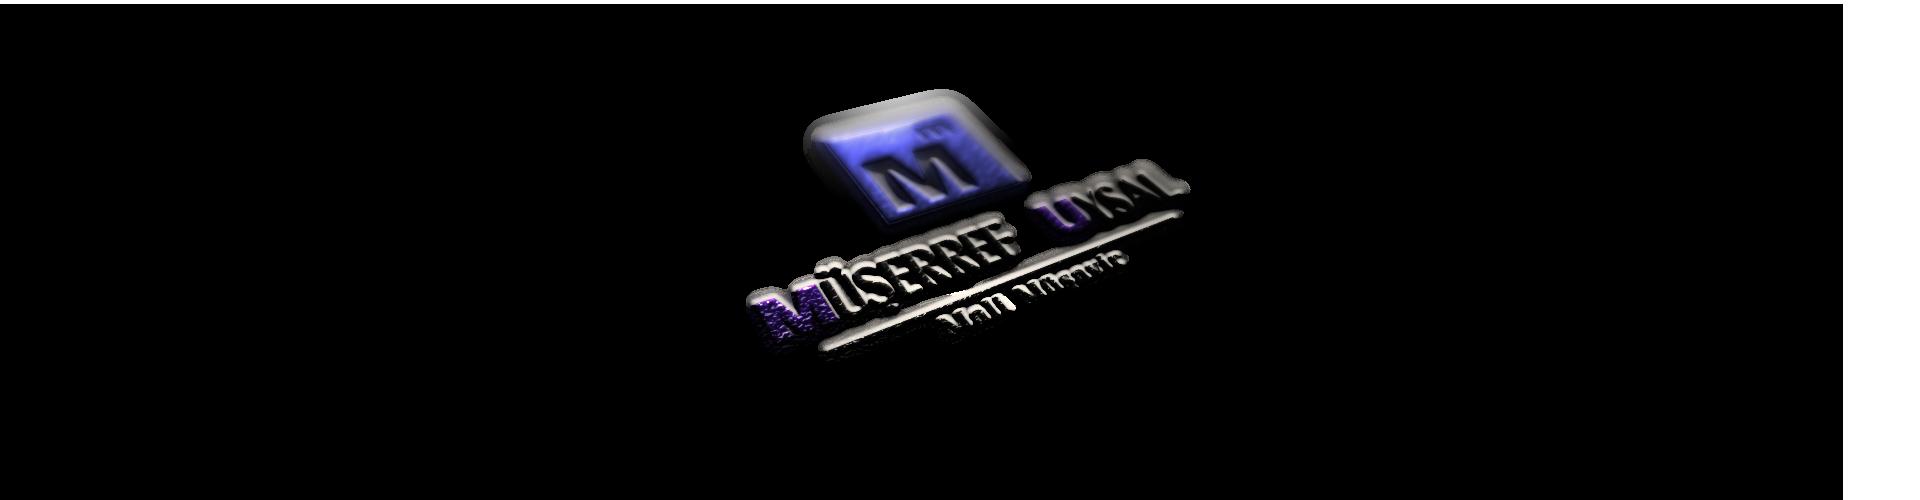 muserref uysal_logo.png